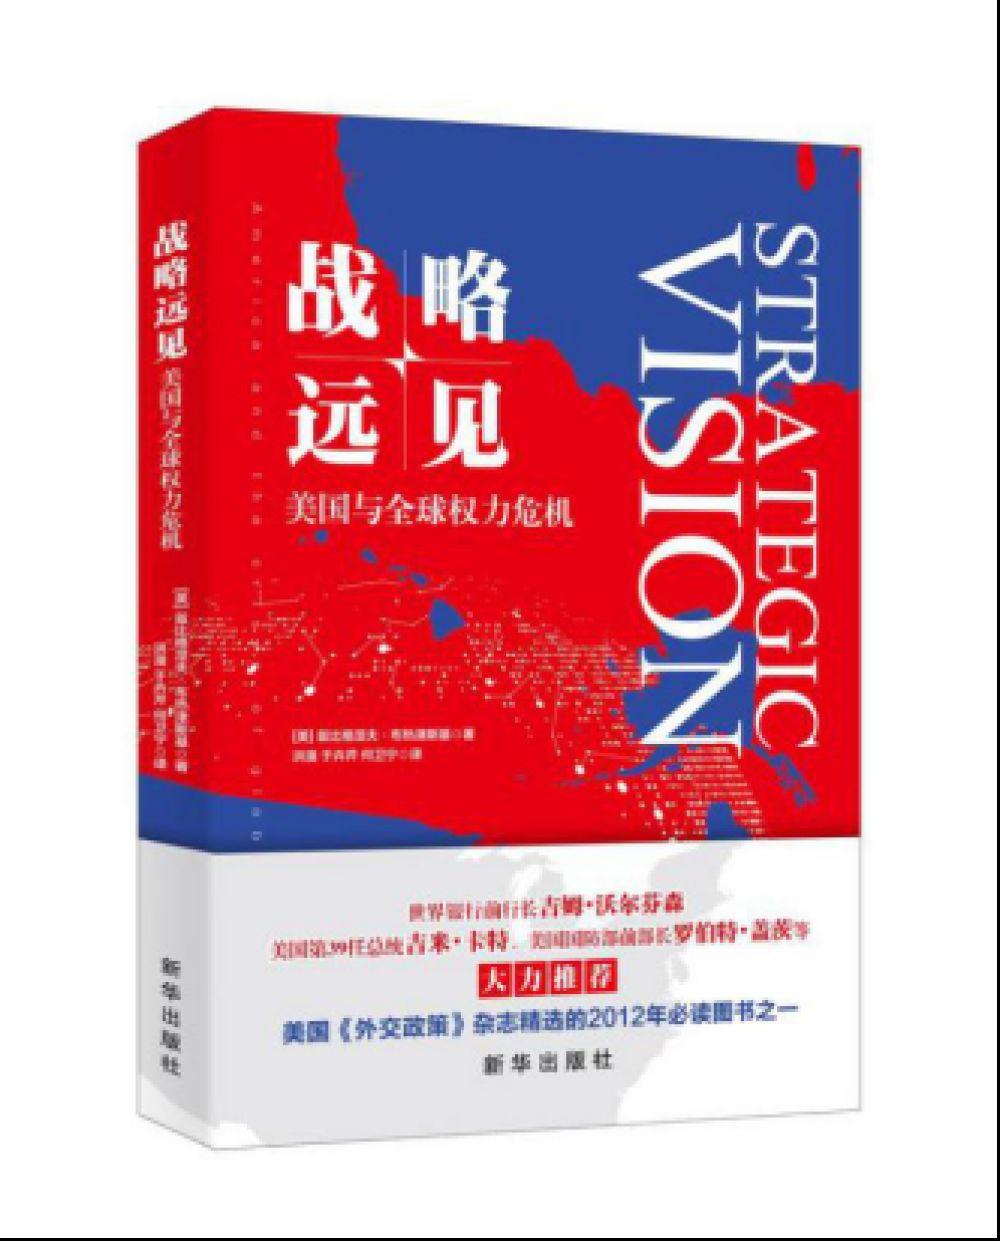 新华出版社年中盘点:用好书完成时代精神(社科篇)